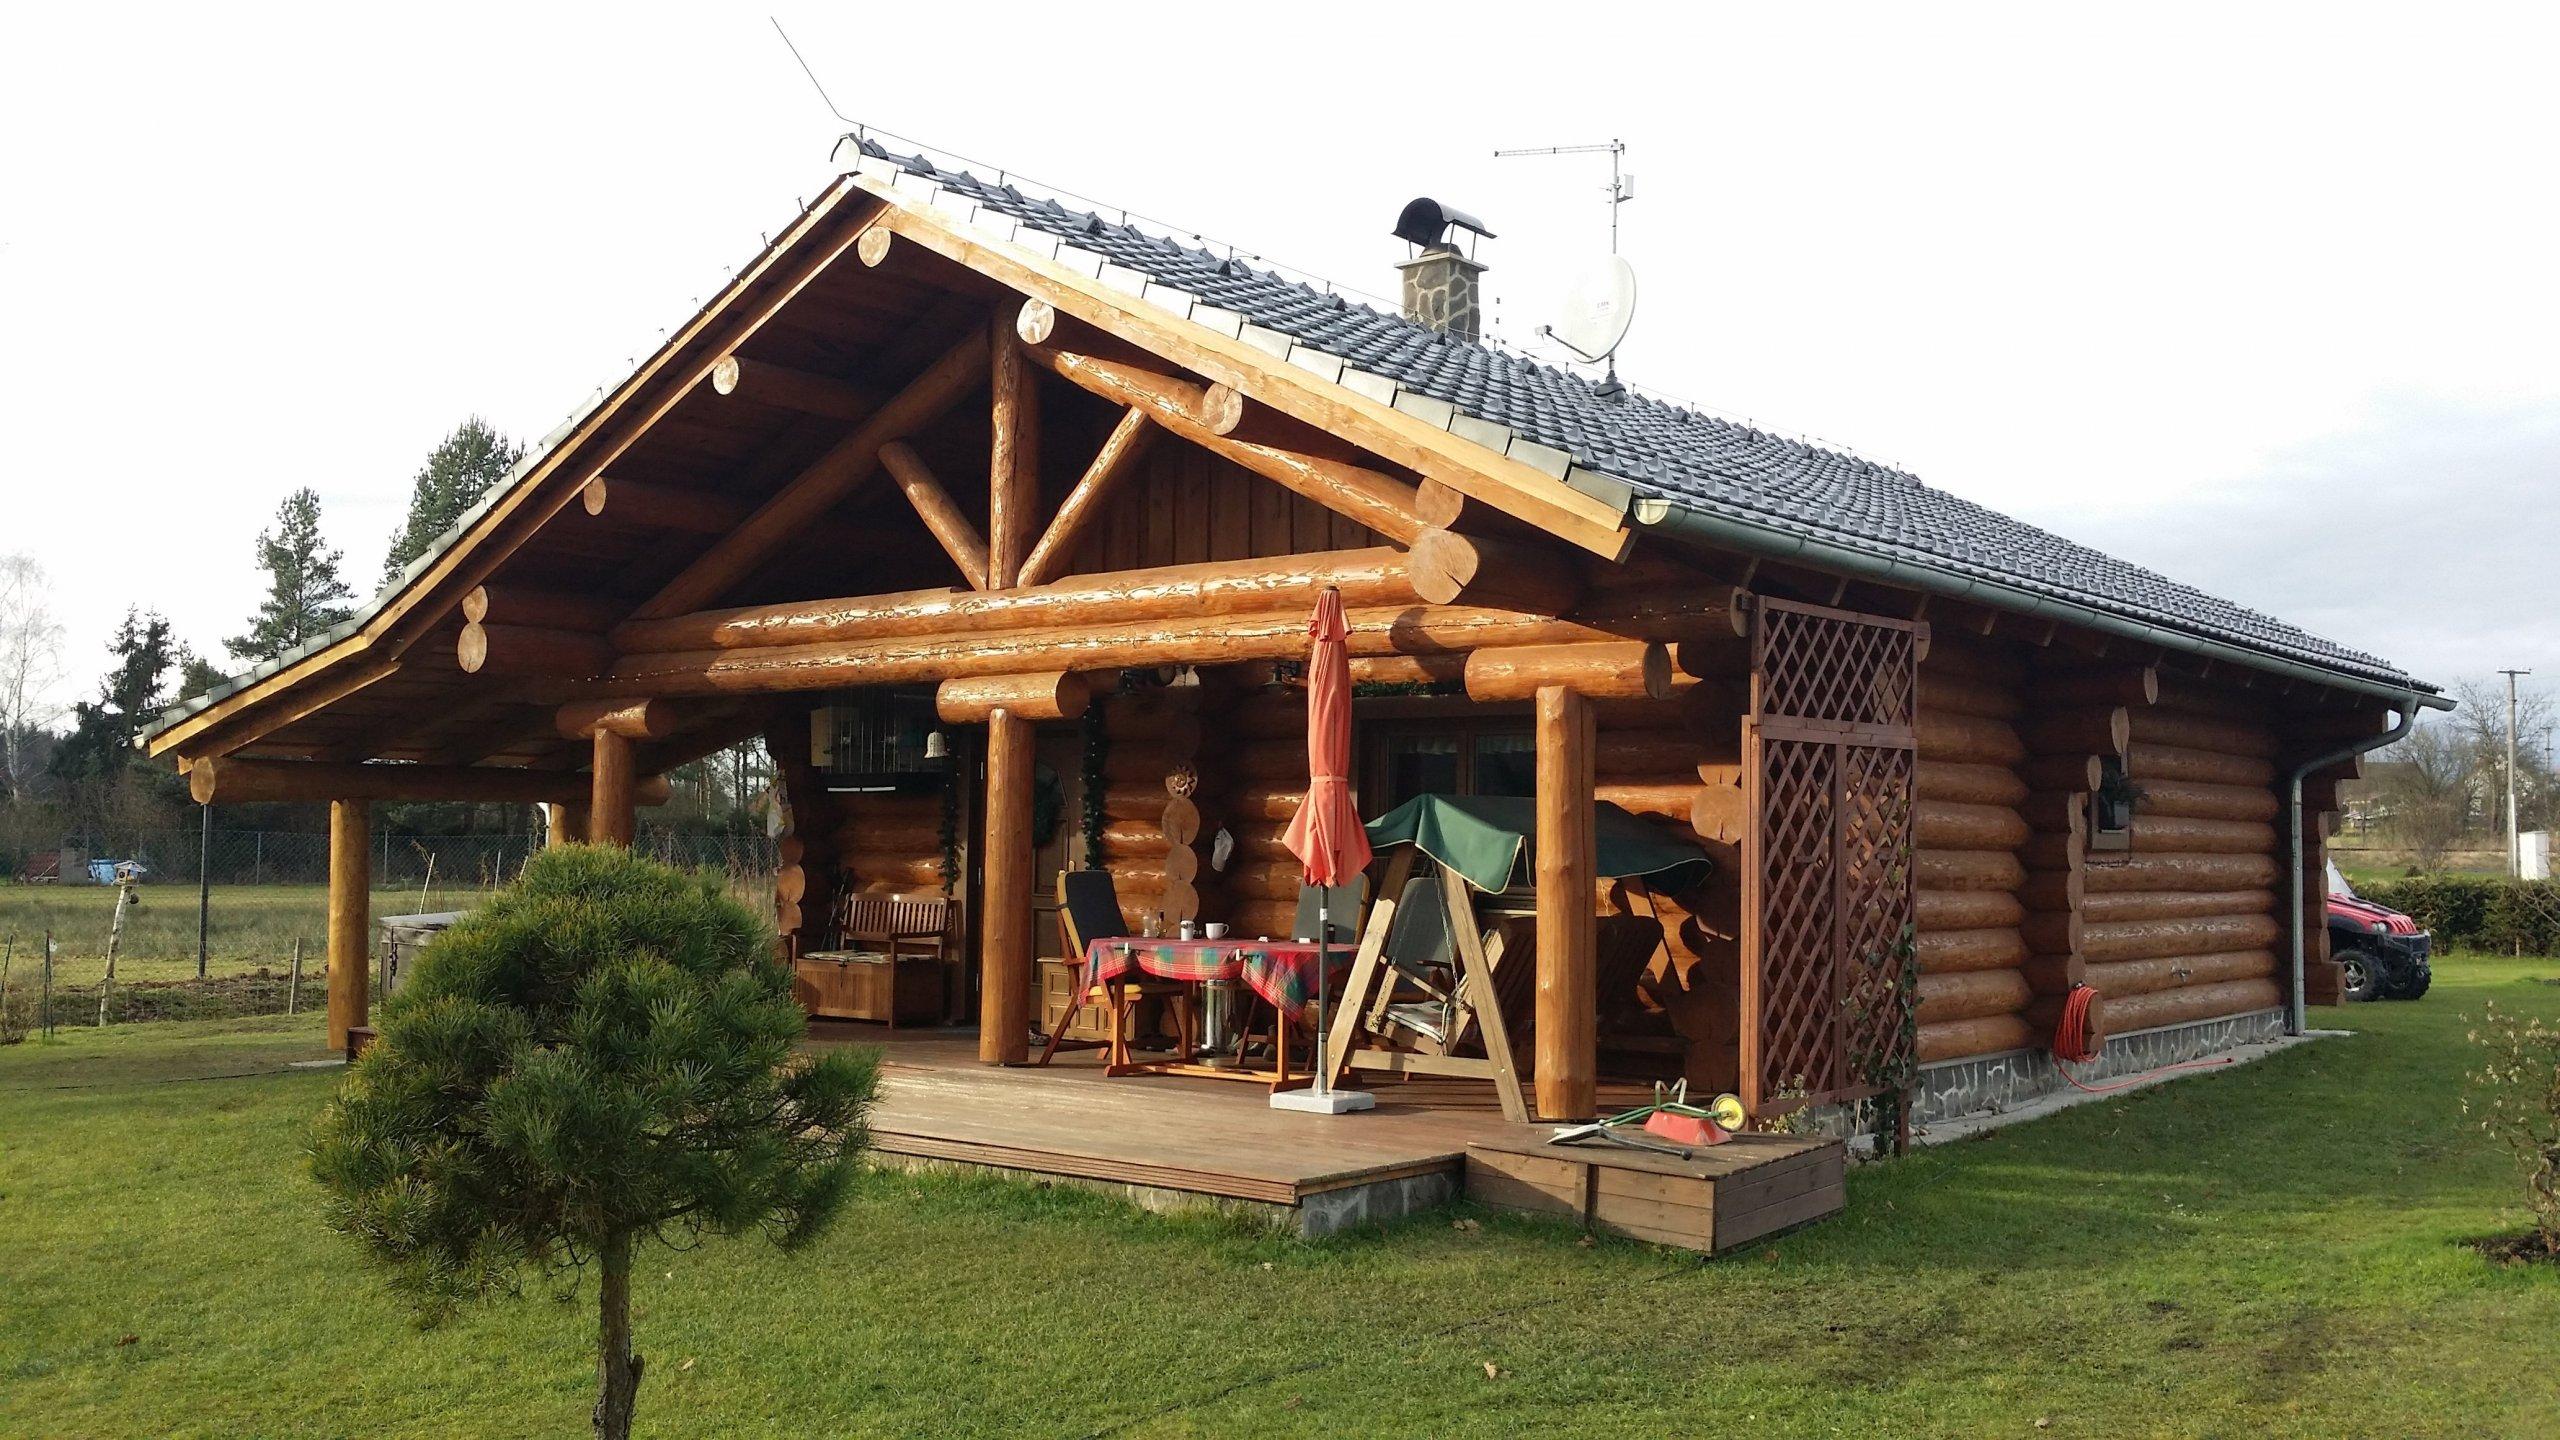 V Novohradských horách jsme postavili tento krásný přízemní srub, ze kterého se těší celá rodina. Dům slouží jako rekreační objekt.